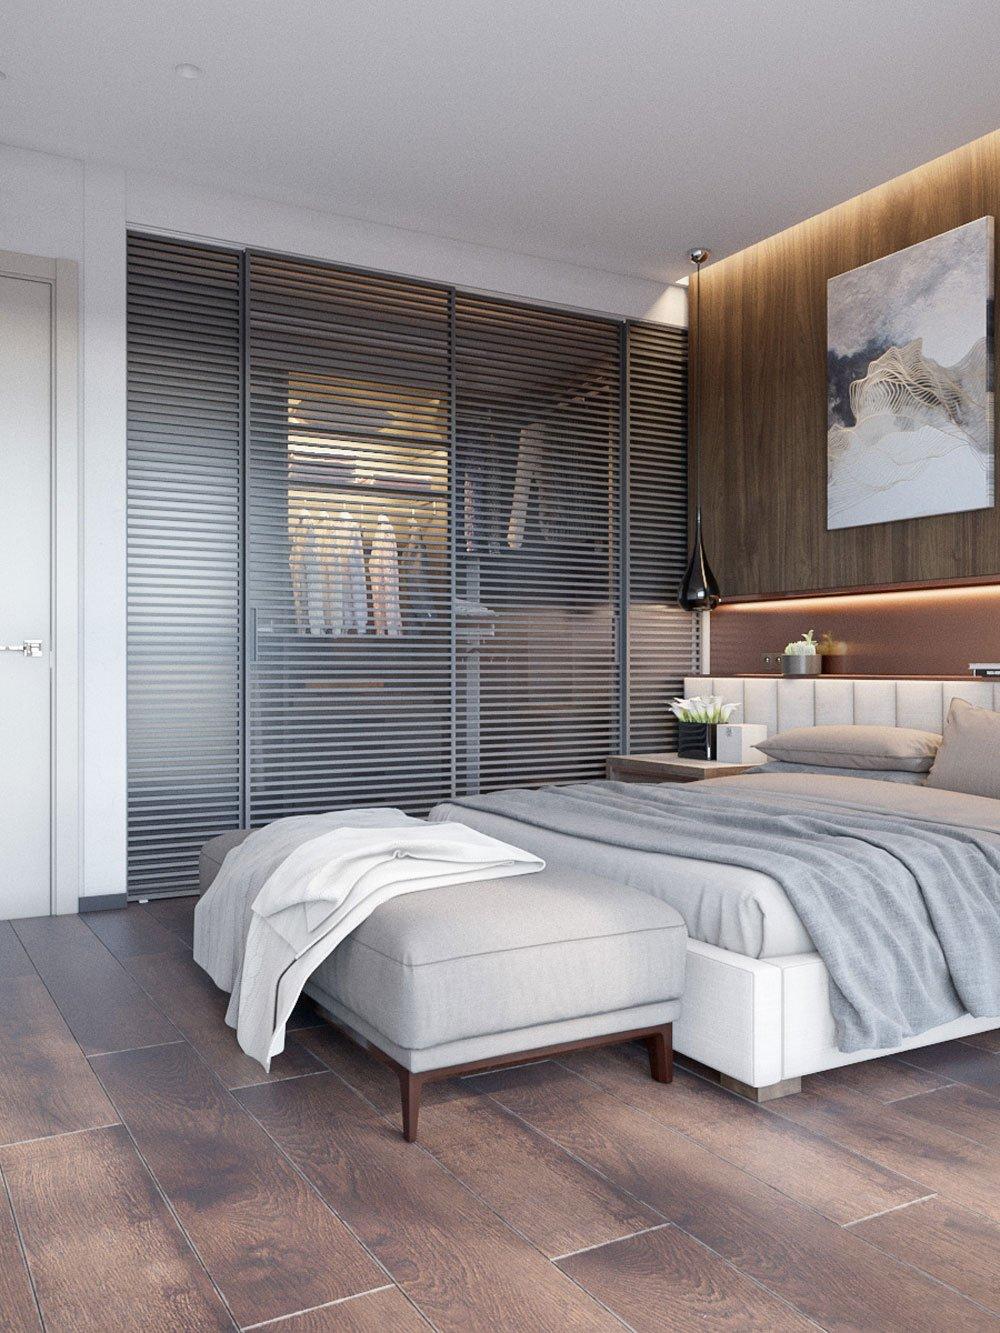 Мебель в дизайне спальни эко стиля